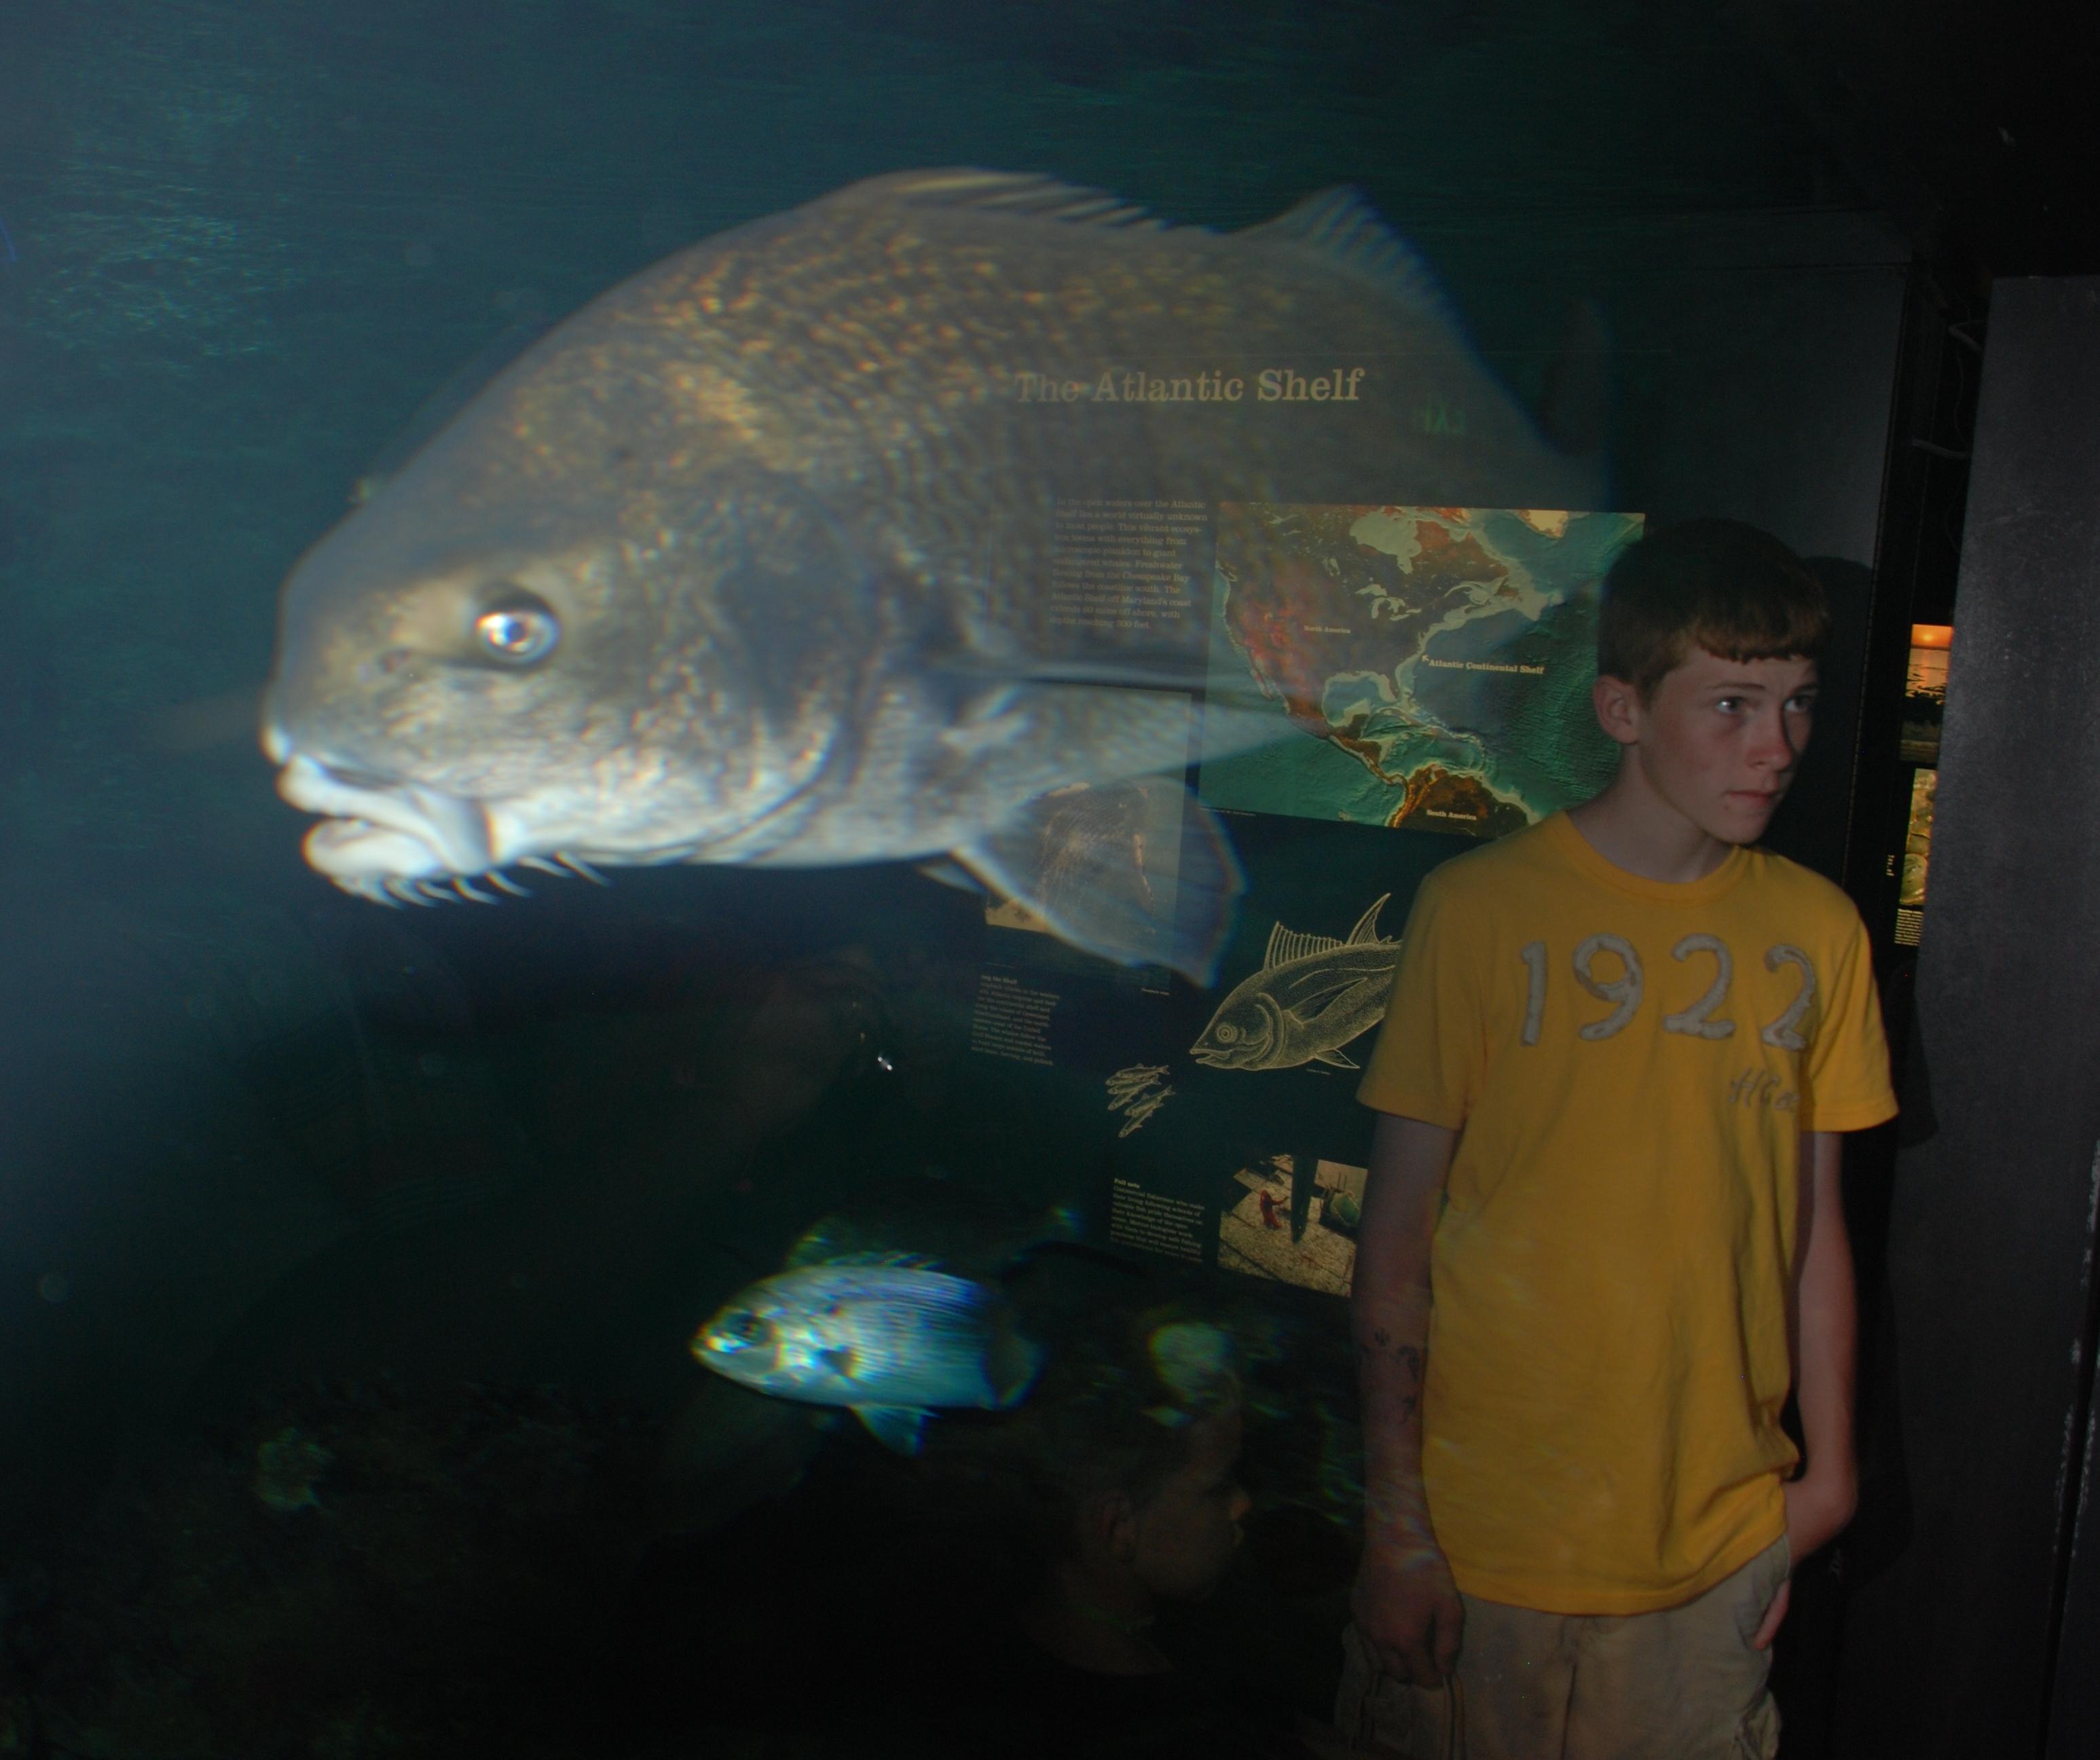 free fish tanks in baltimore